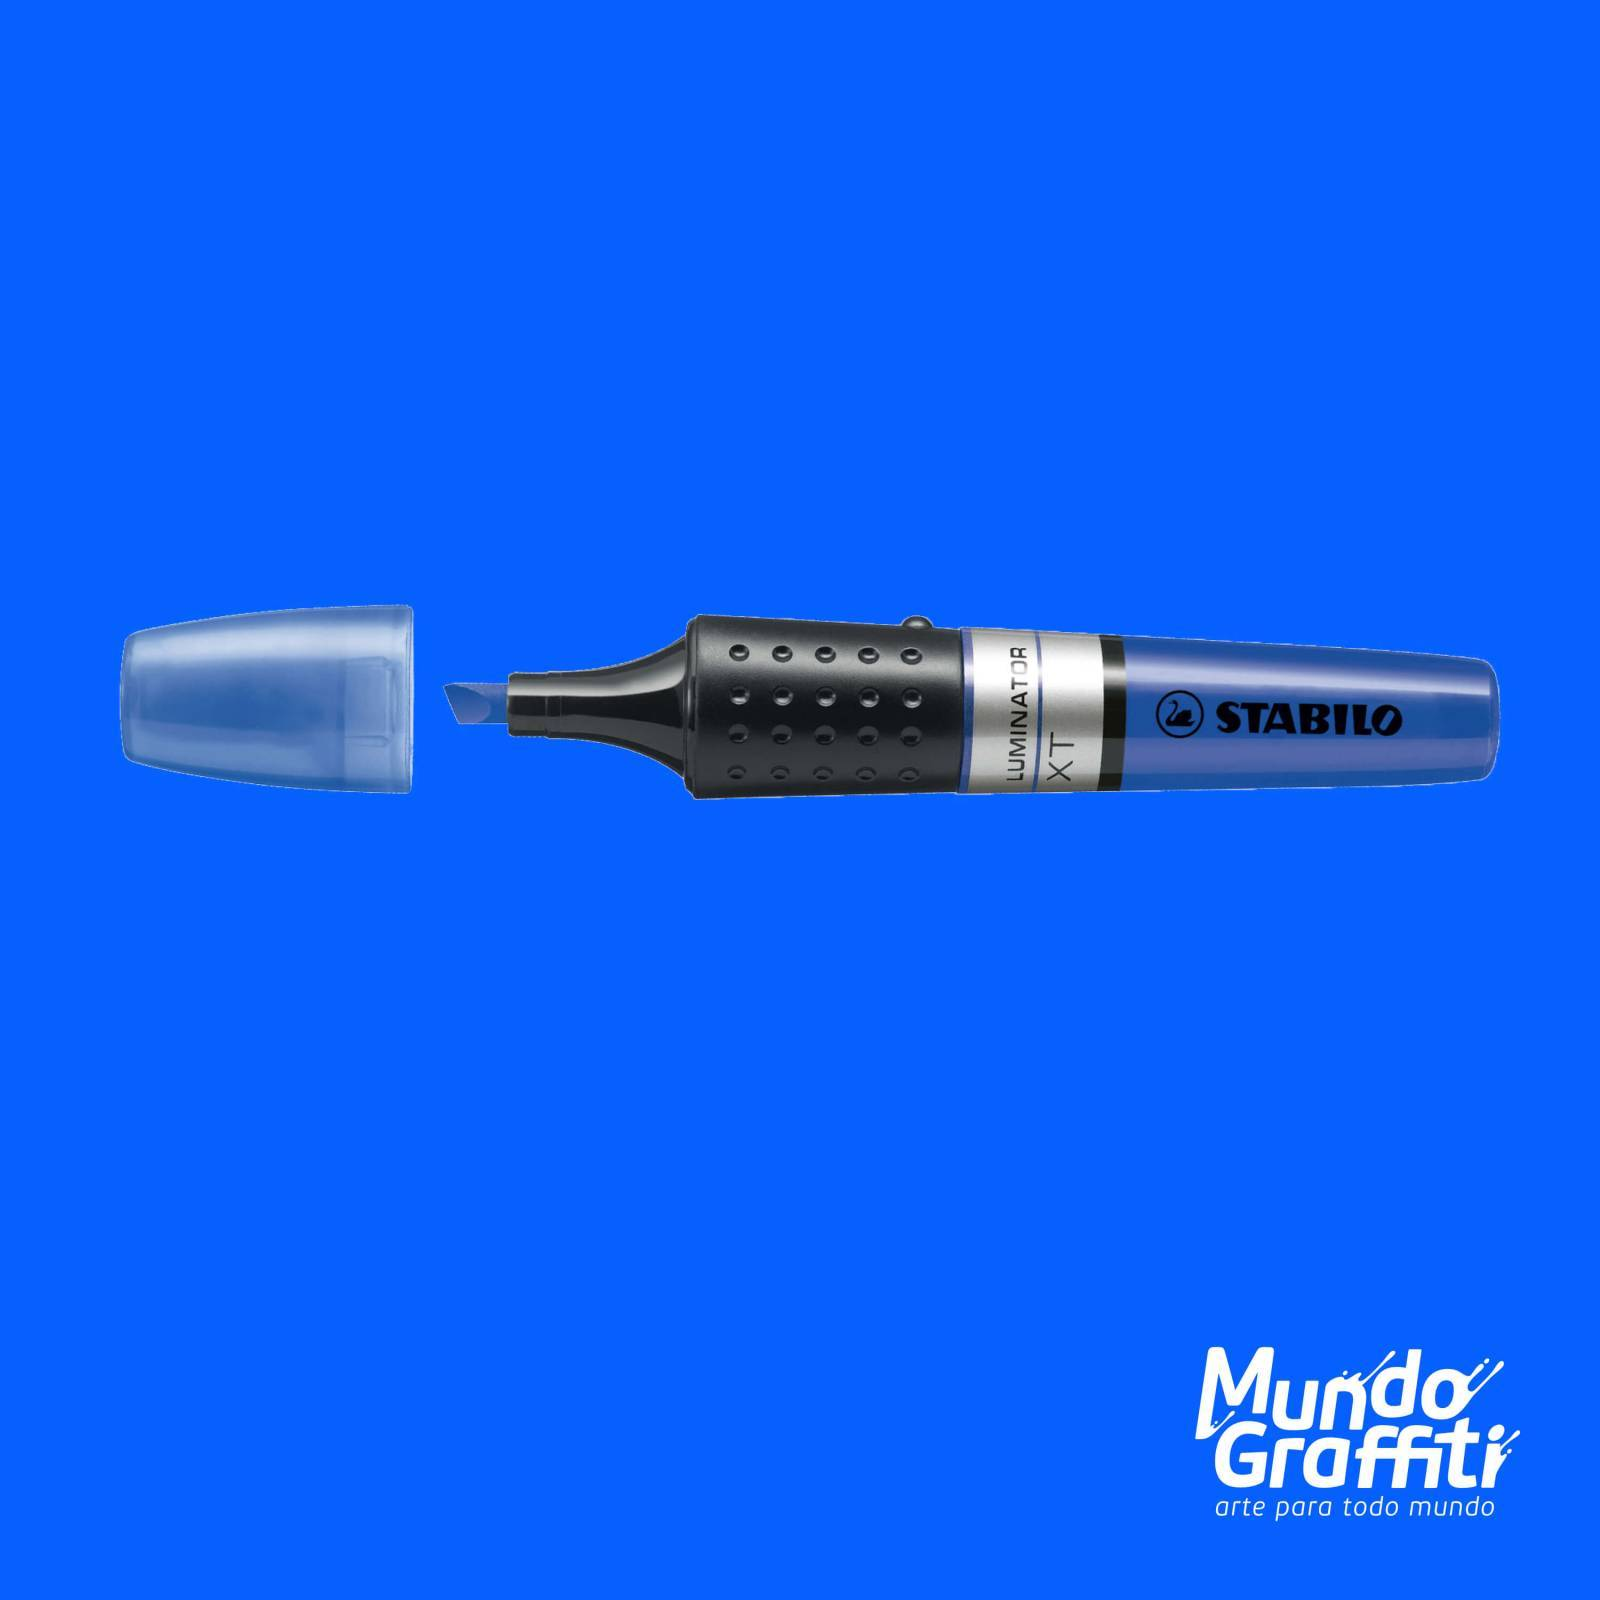 Marca Texto Stabilo Luminator 71/41 Azul Fluorescente - Mundo Graffiti